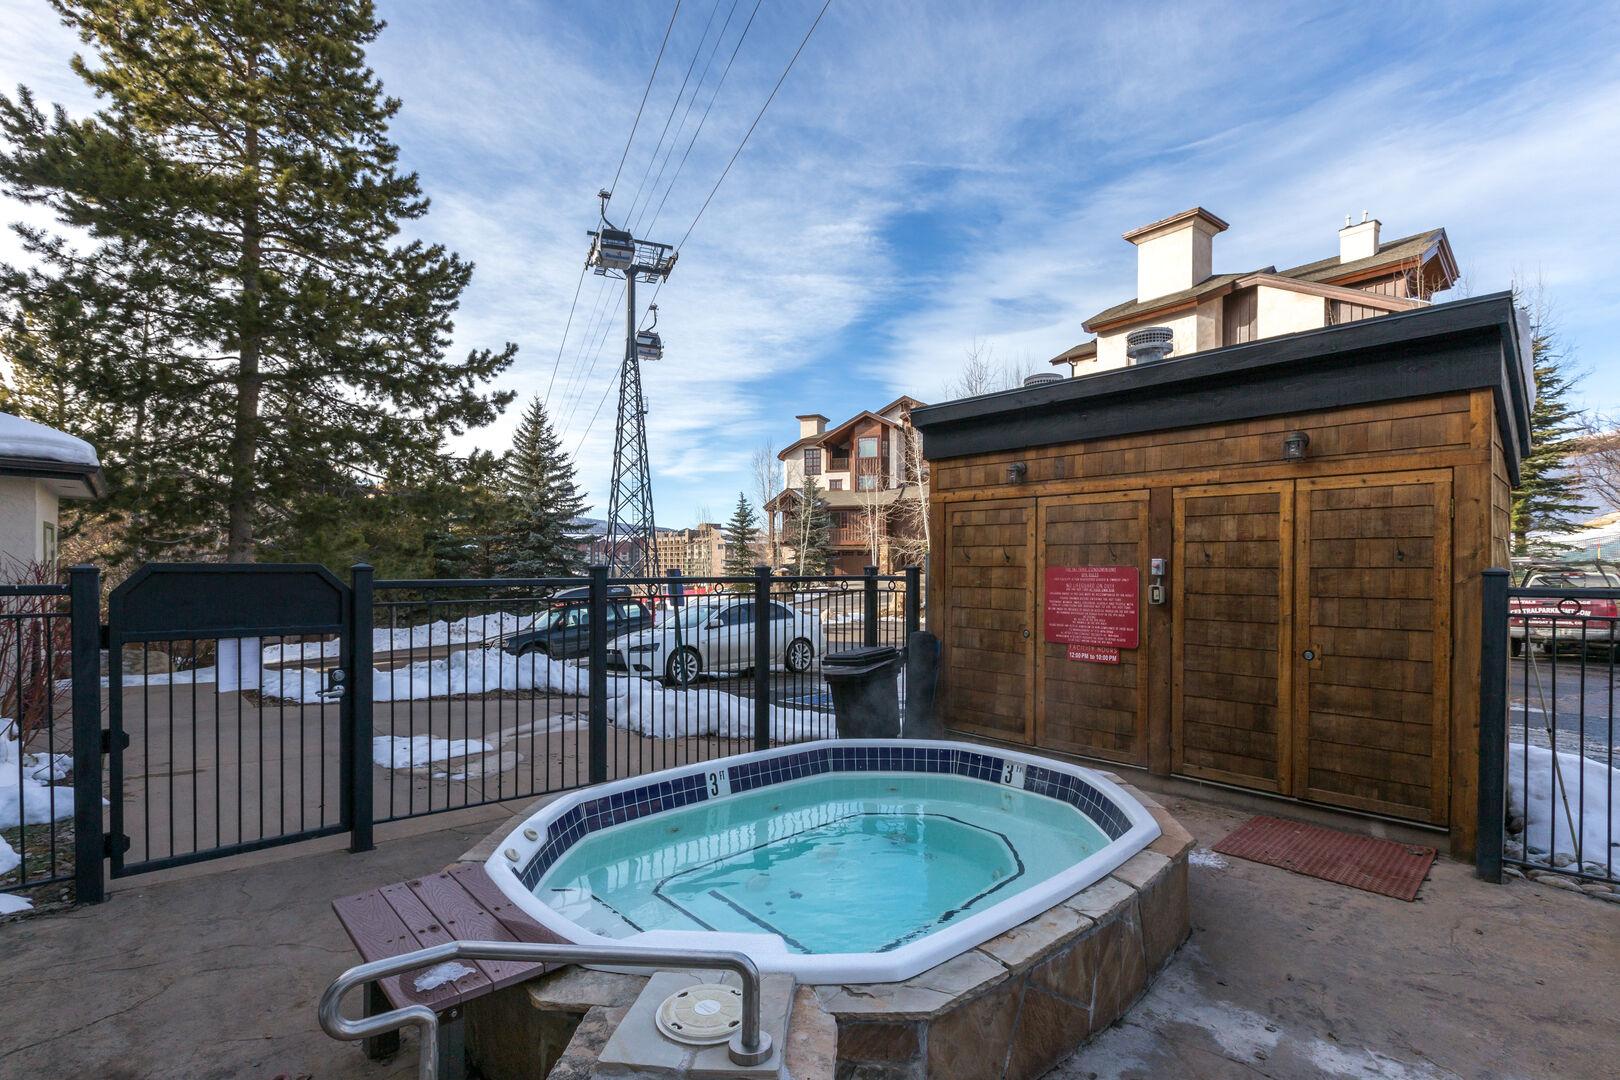 Hot tub! It is open!